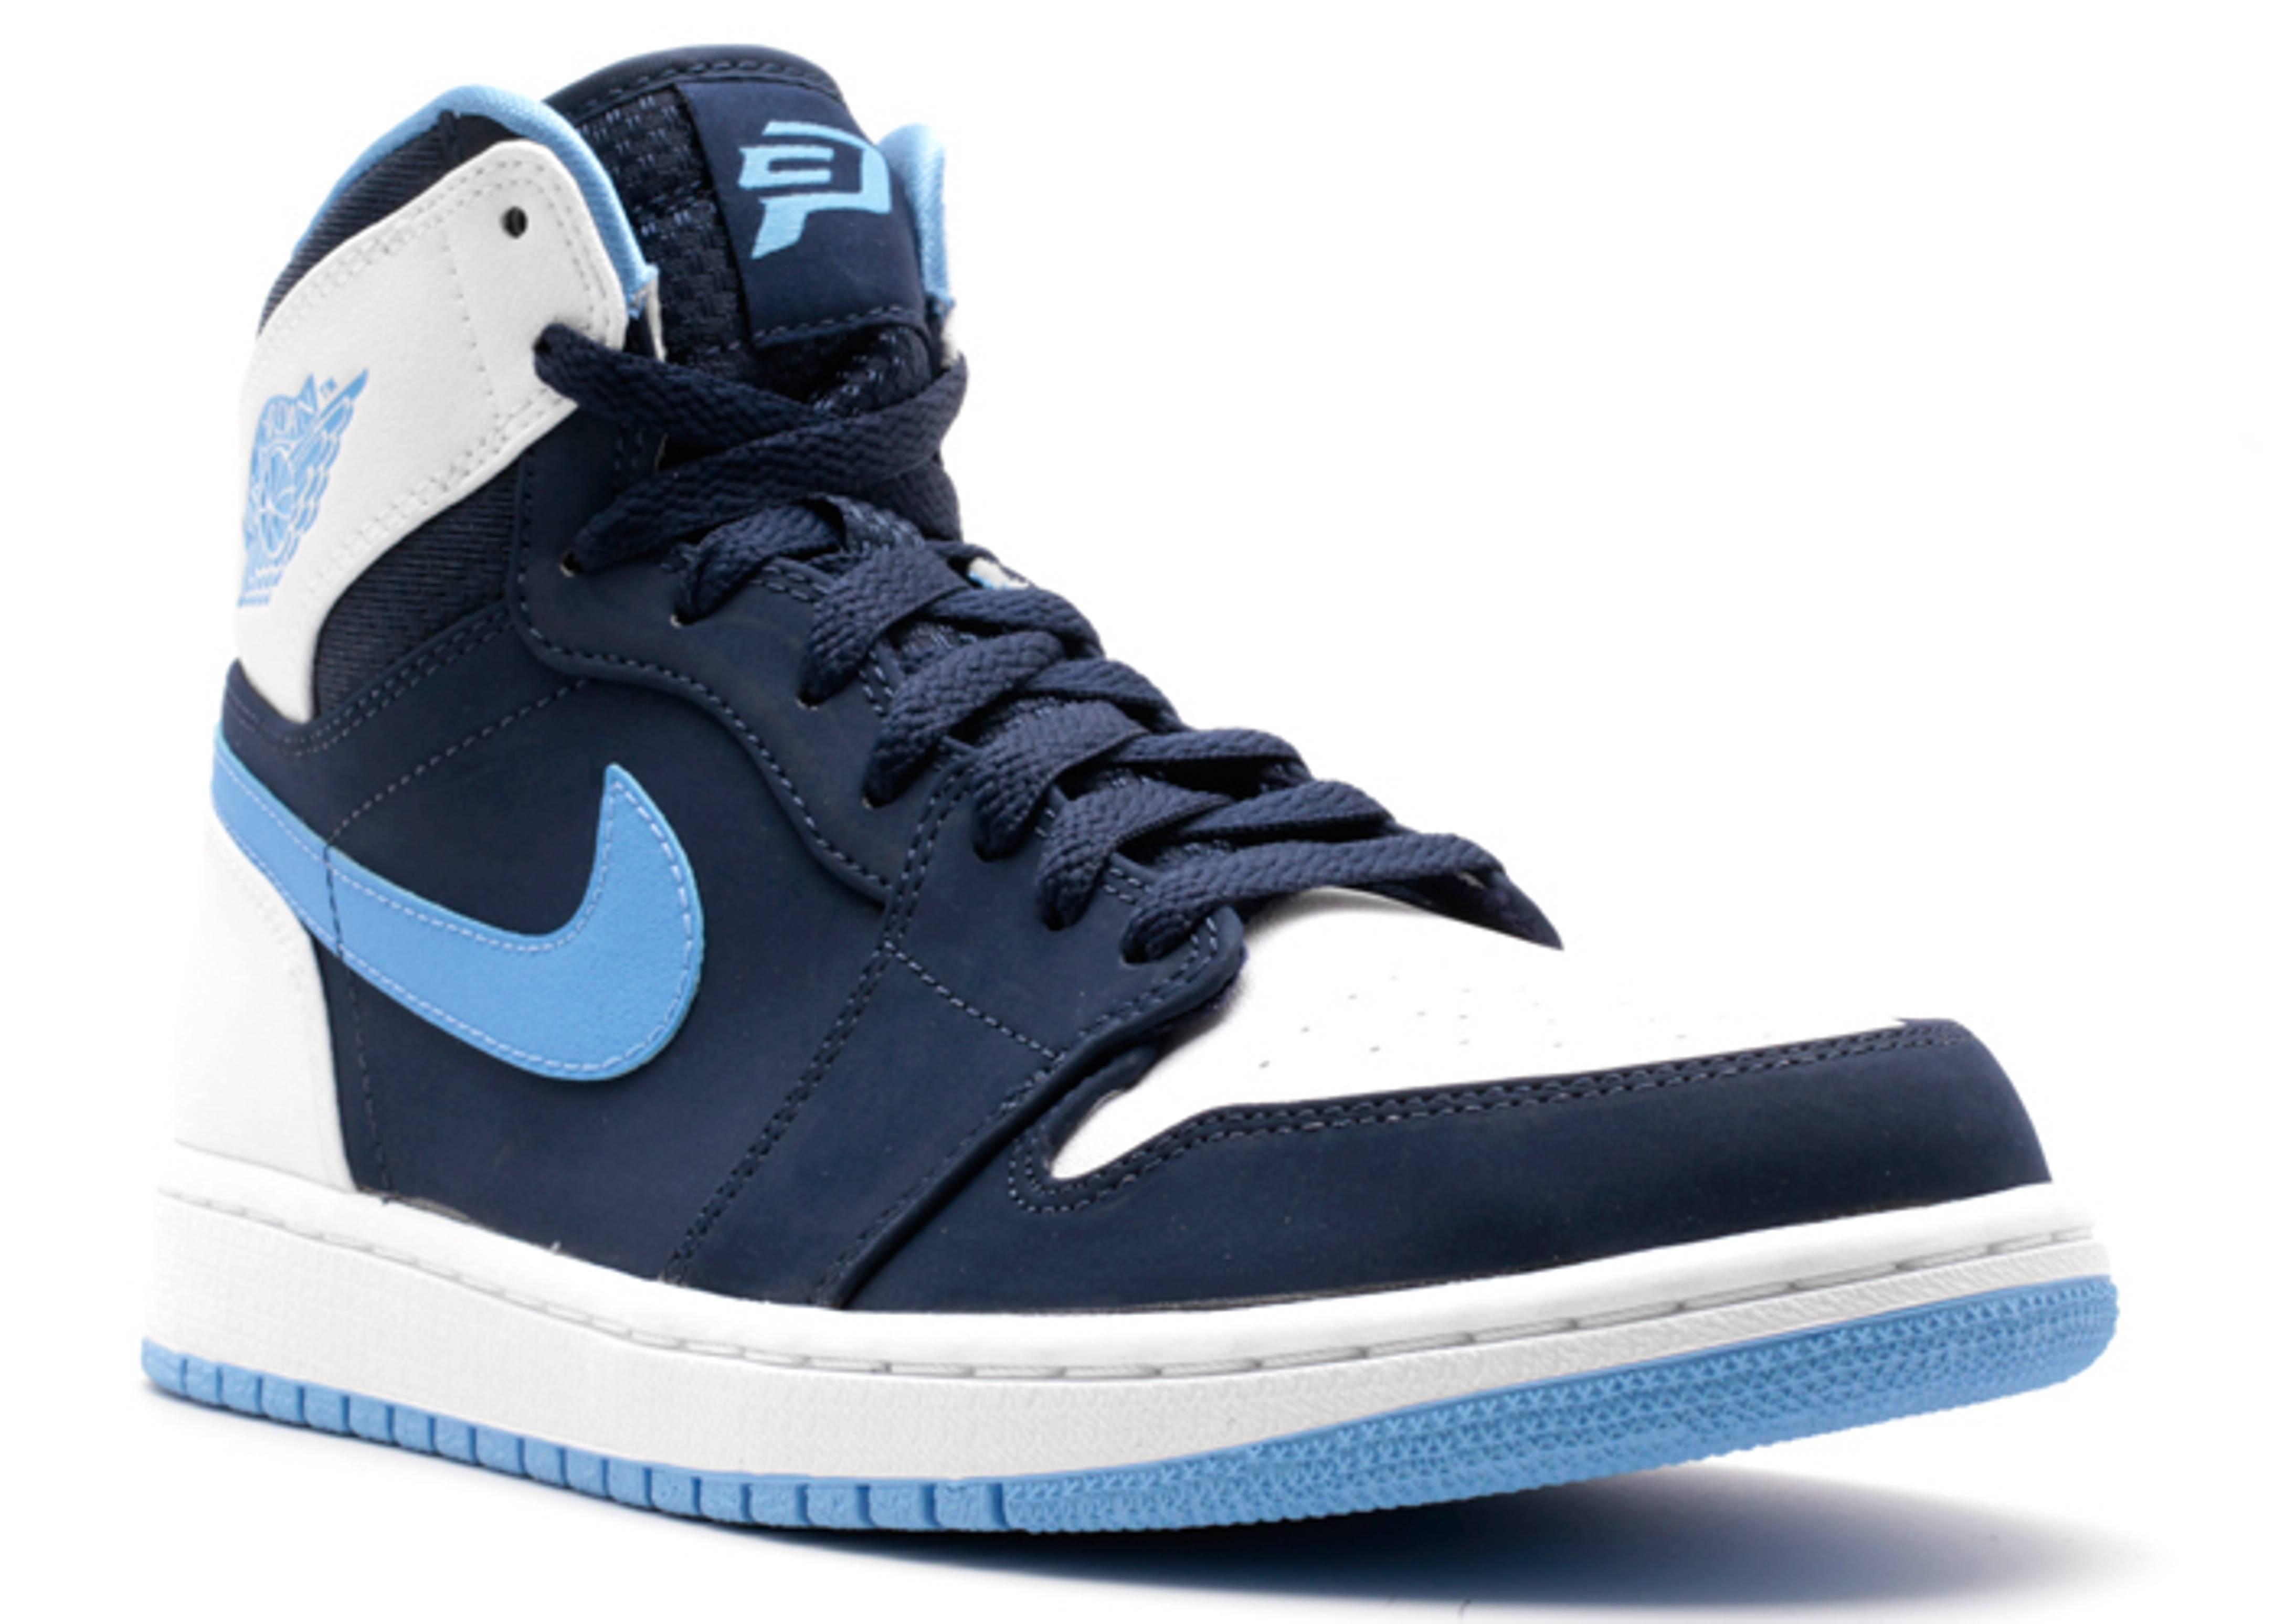 8a0fe1a09b328d Air Jordan 1 Retro High